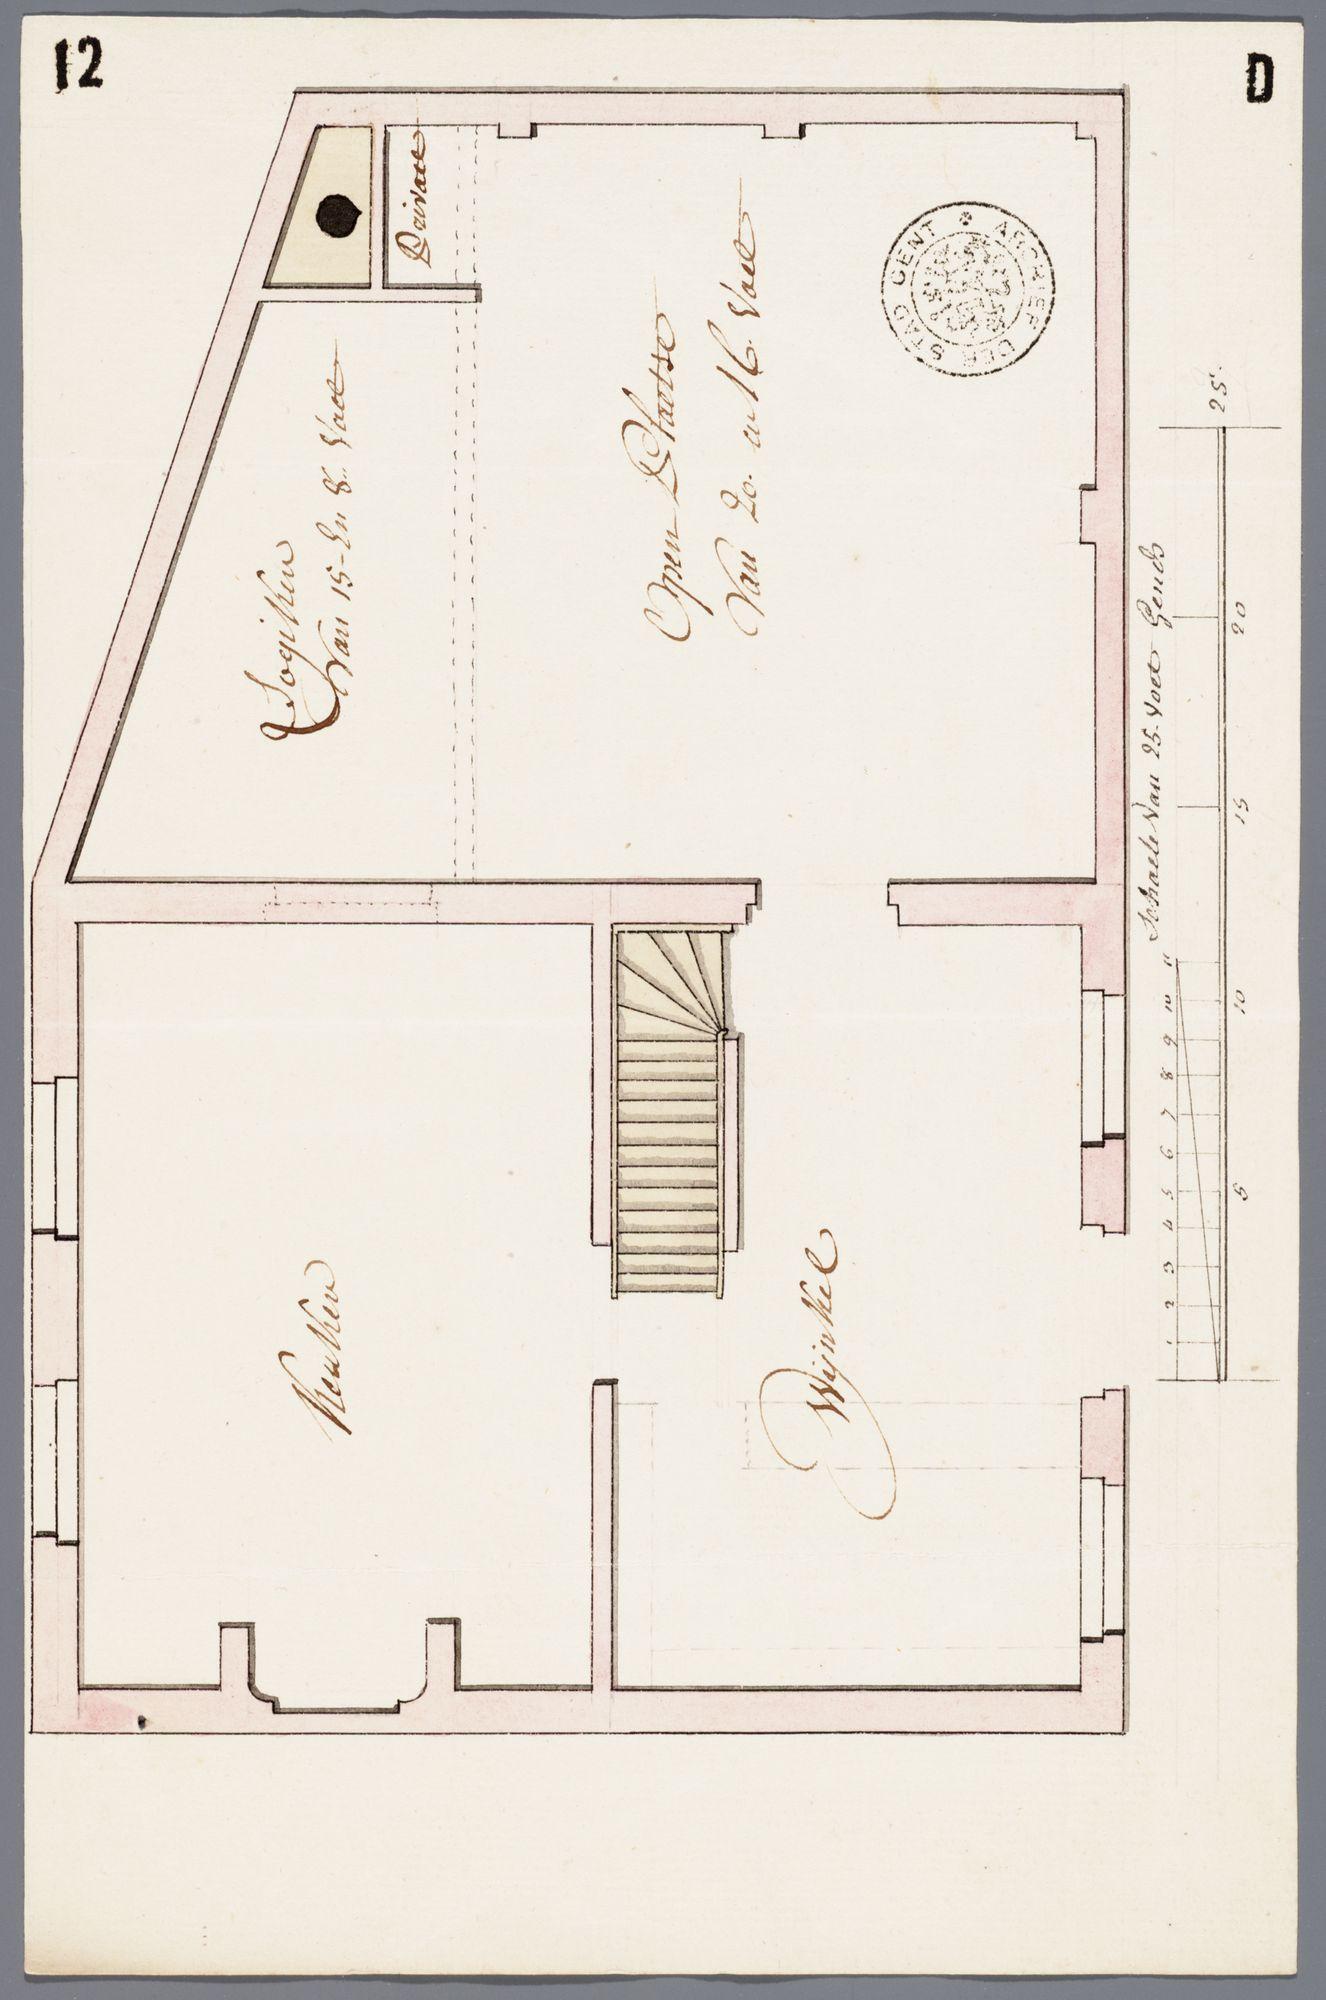 Gent: Buiten de Brugse Poort, 1772: plattegrond huis